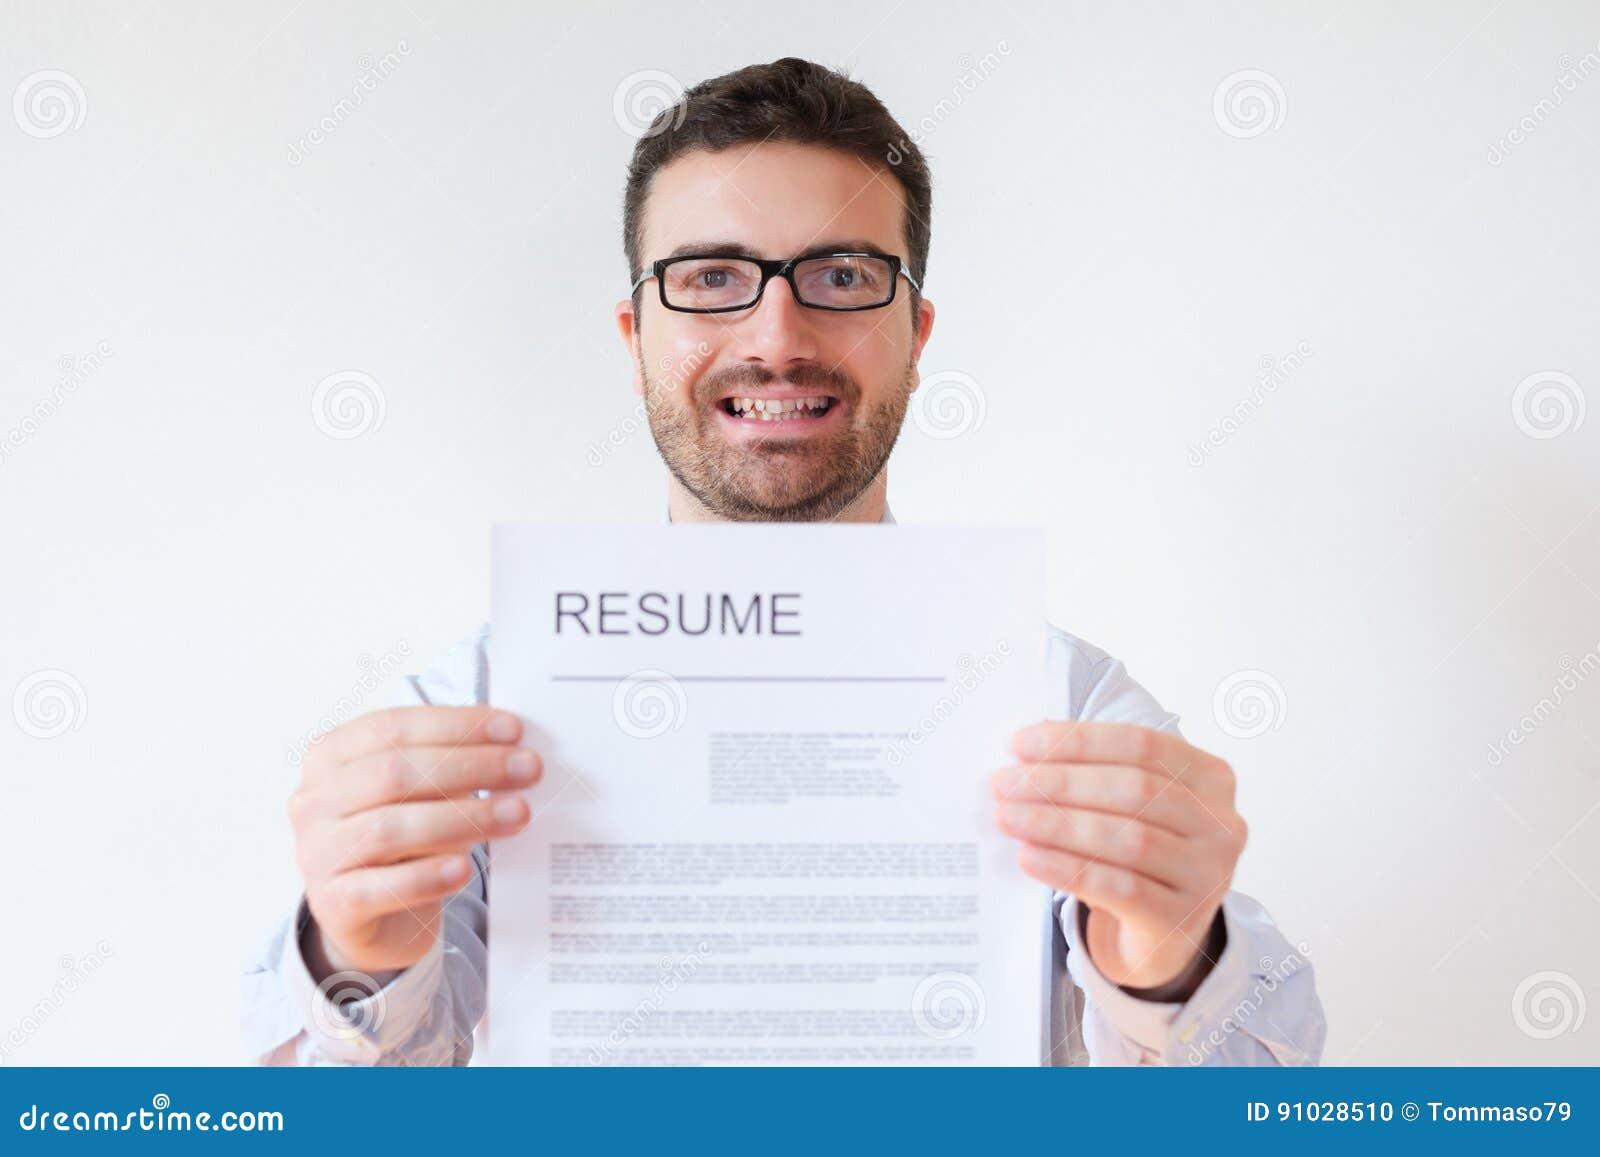 Hombre Con La Carrera Del Curriculum Vitae Y Del Trabajo Lista ...